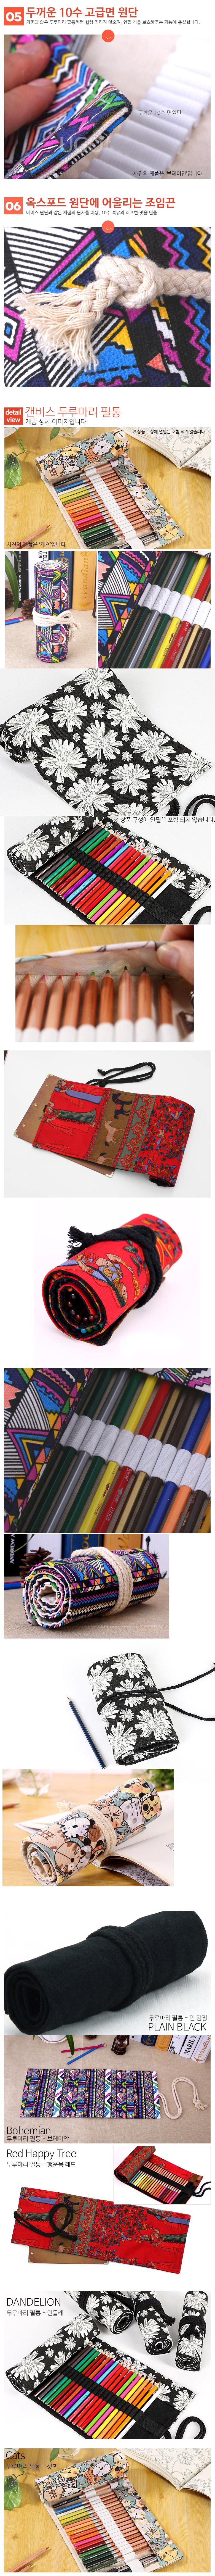 캔버스 두루마리 필통 72색용 - 유바오, 8,800원, 패브릭필통, 패턴